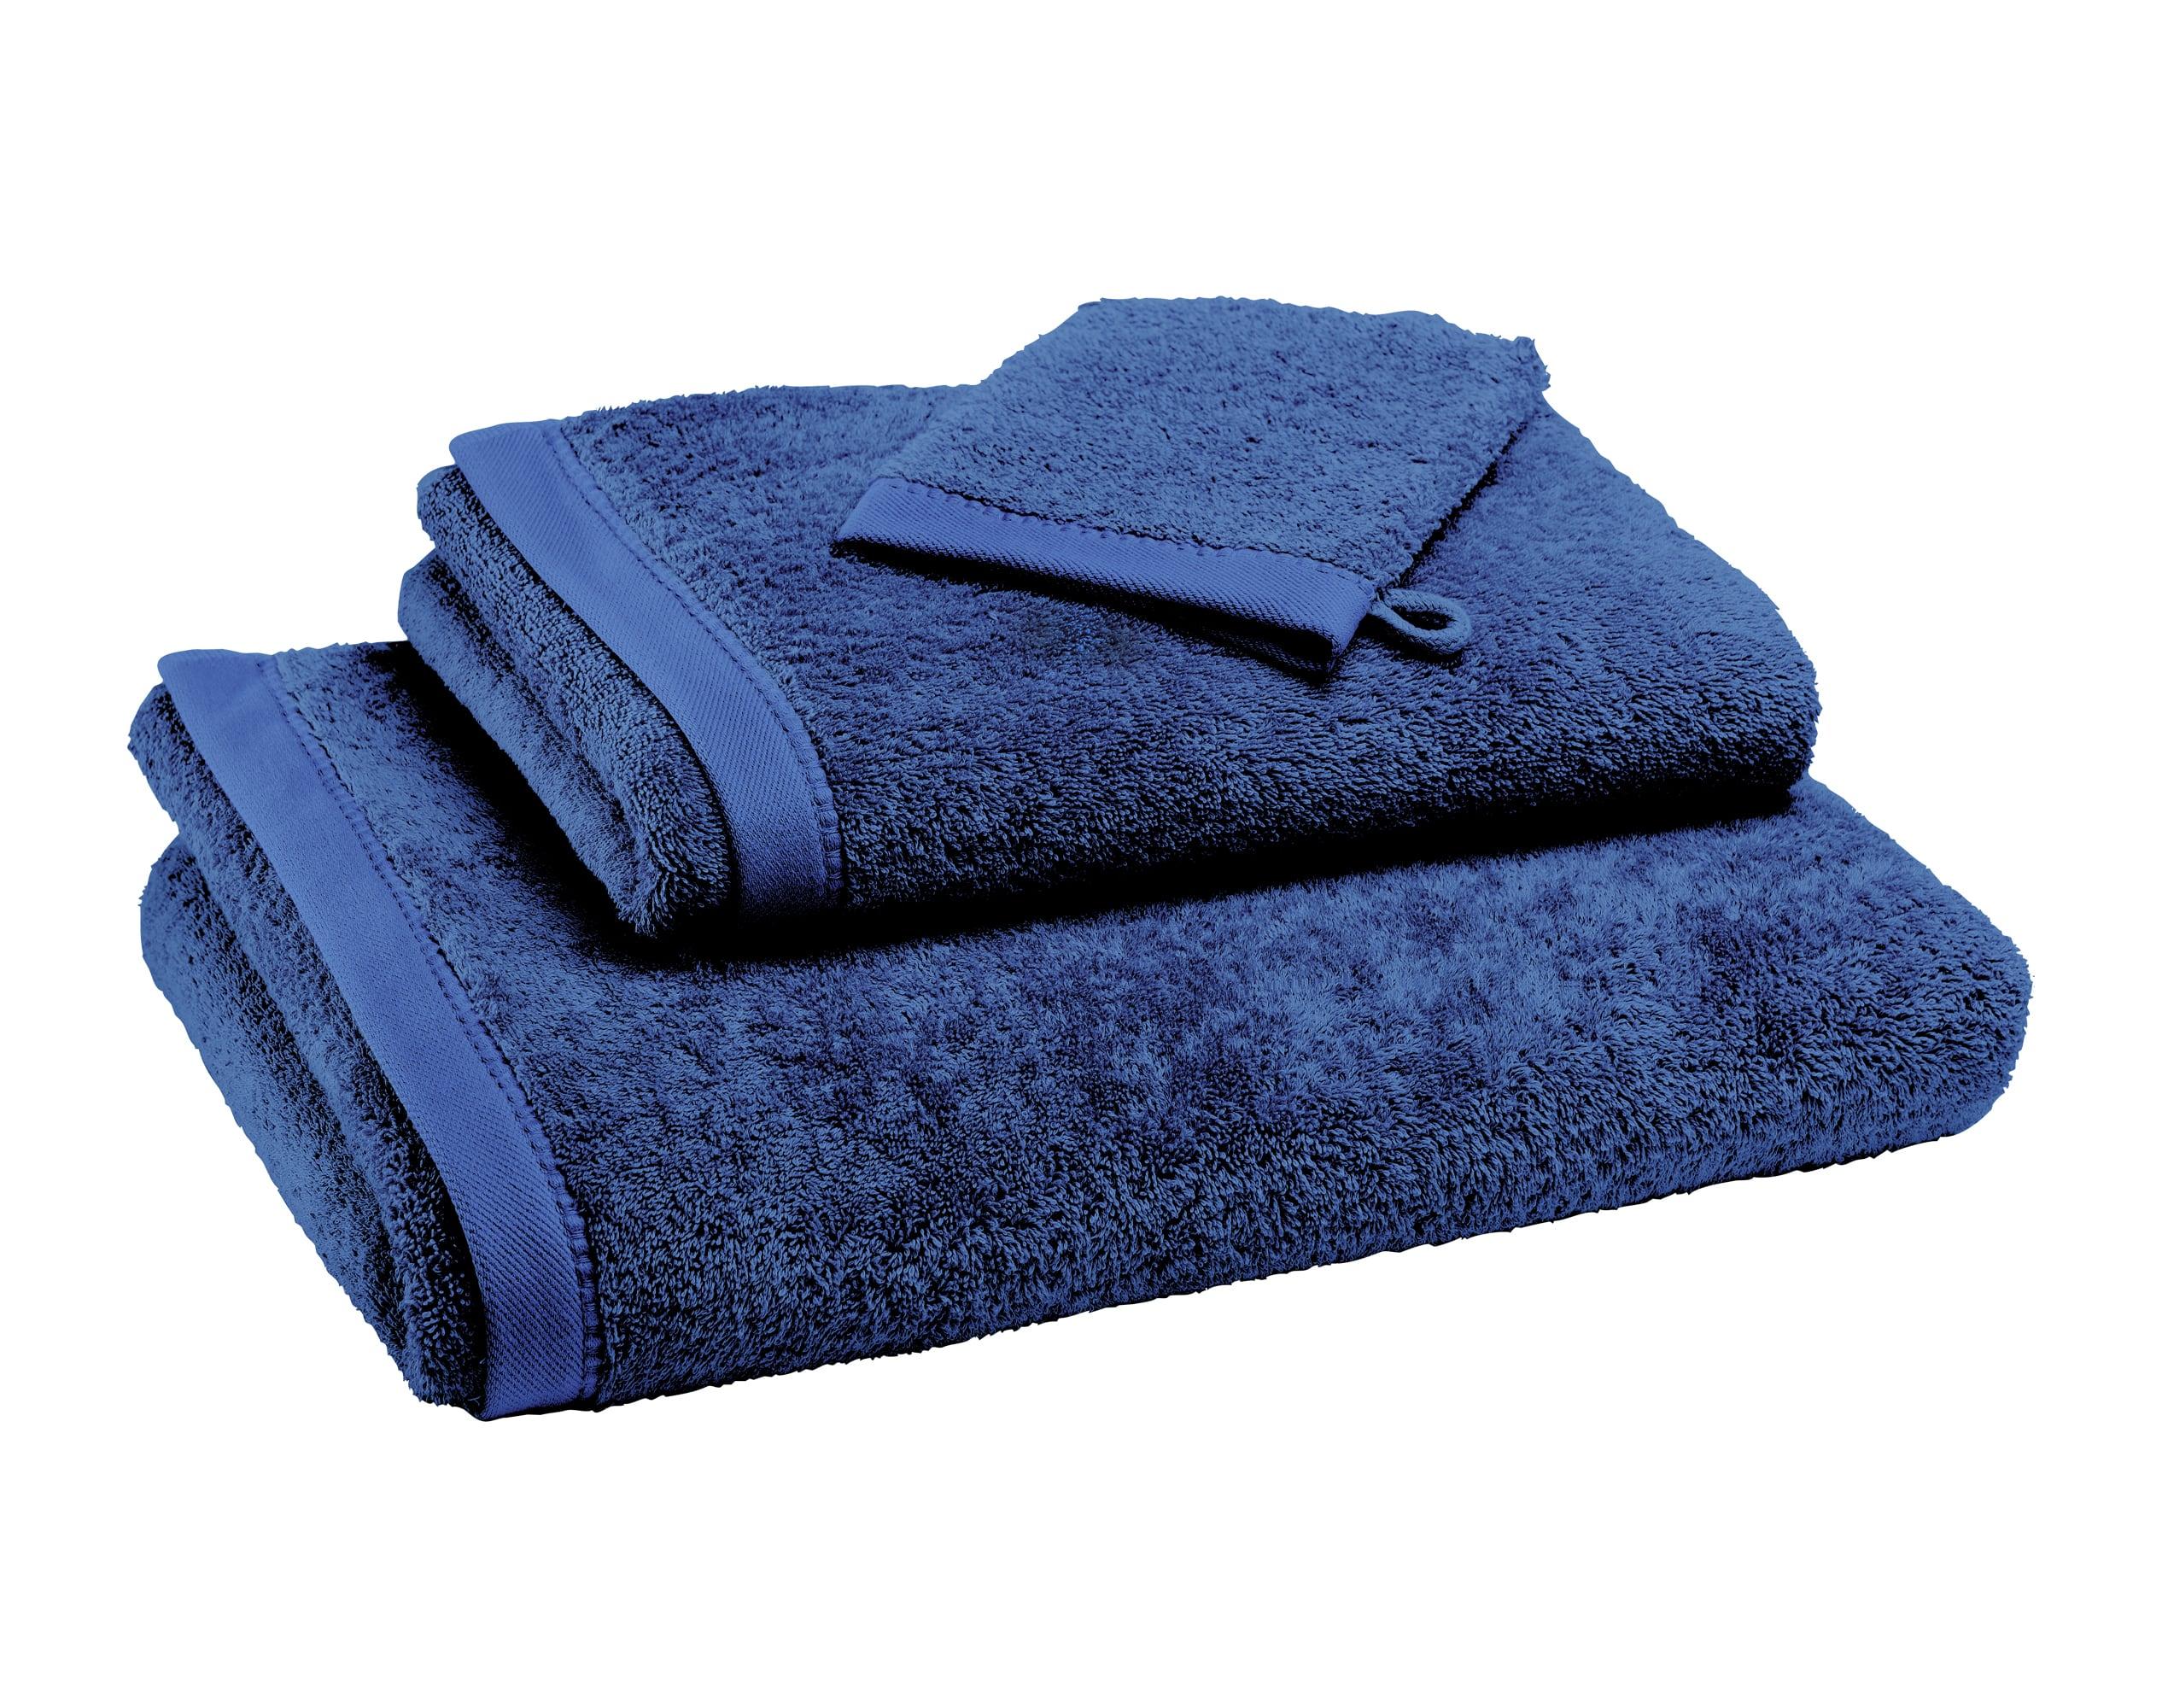 Drap de bain bleu orage 100x150 en coton bio